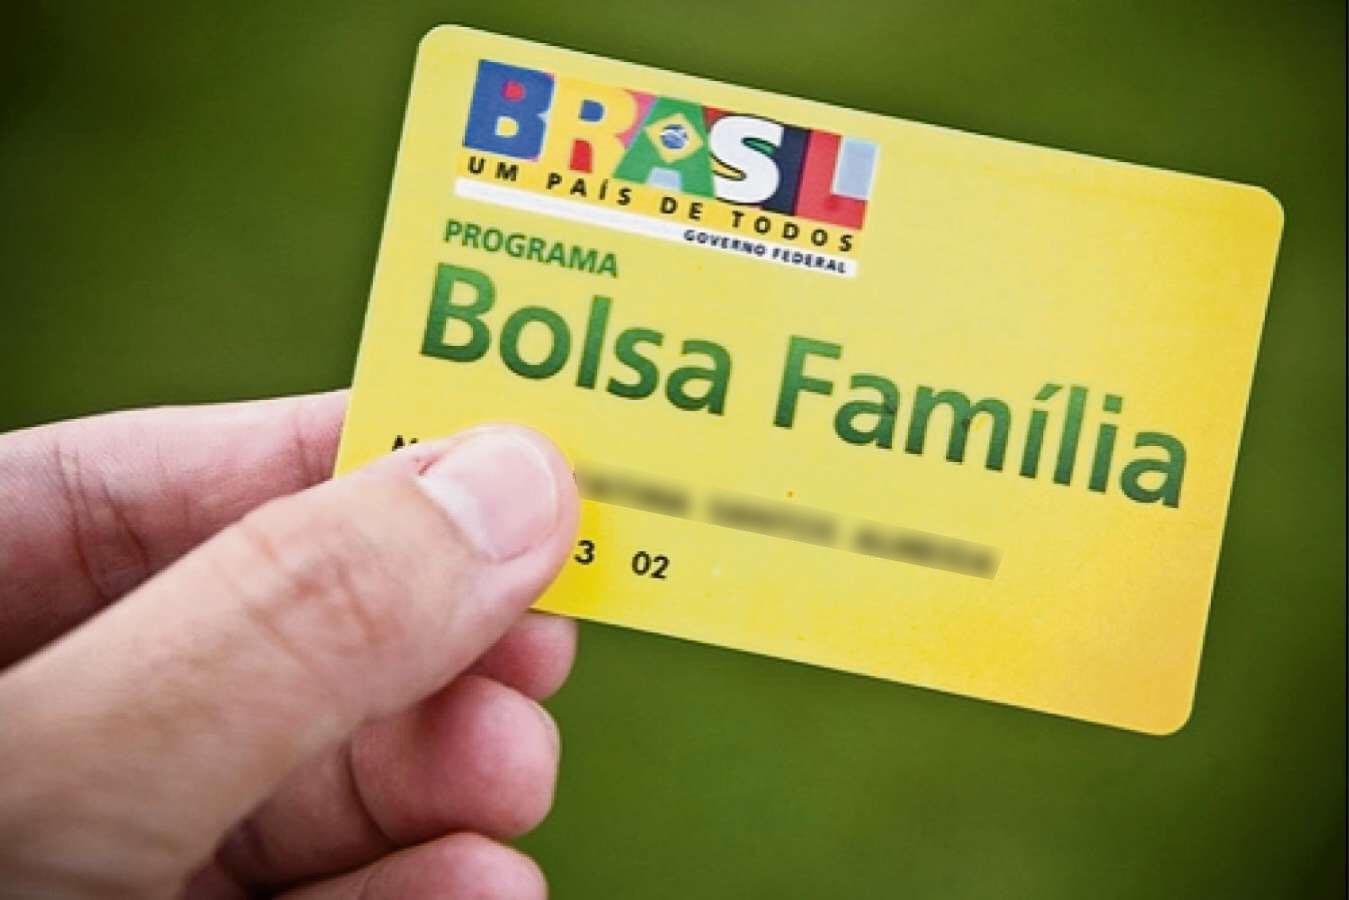 Eusébio tem 669 famílias incluídas no Programa Bolsa Família a partir de abril